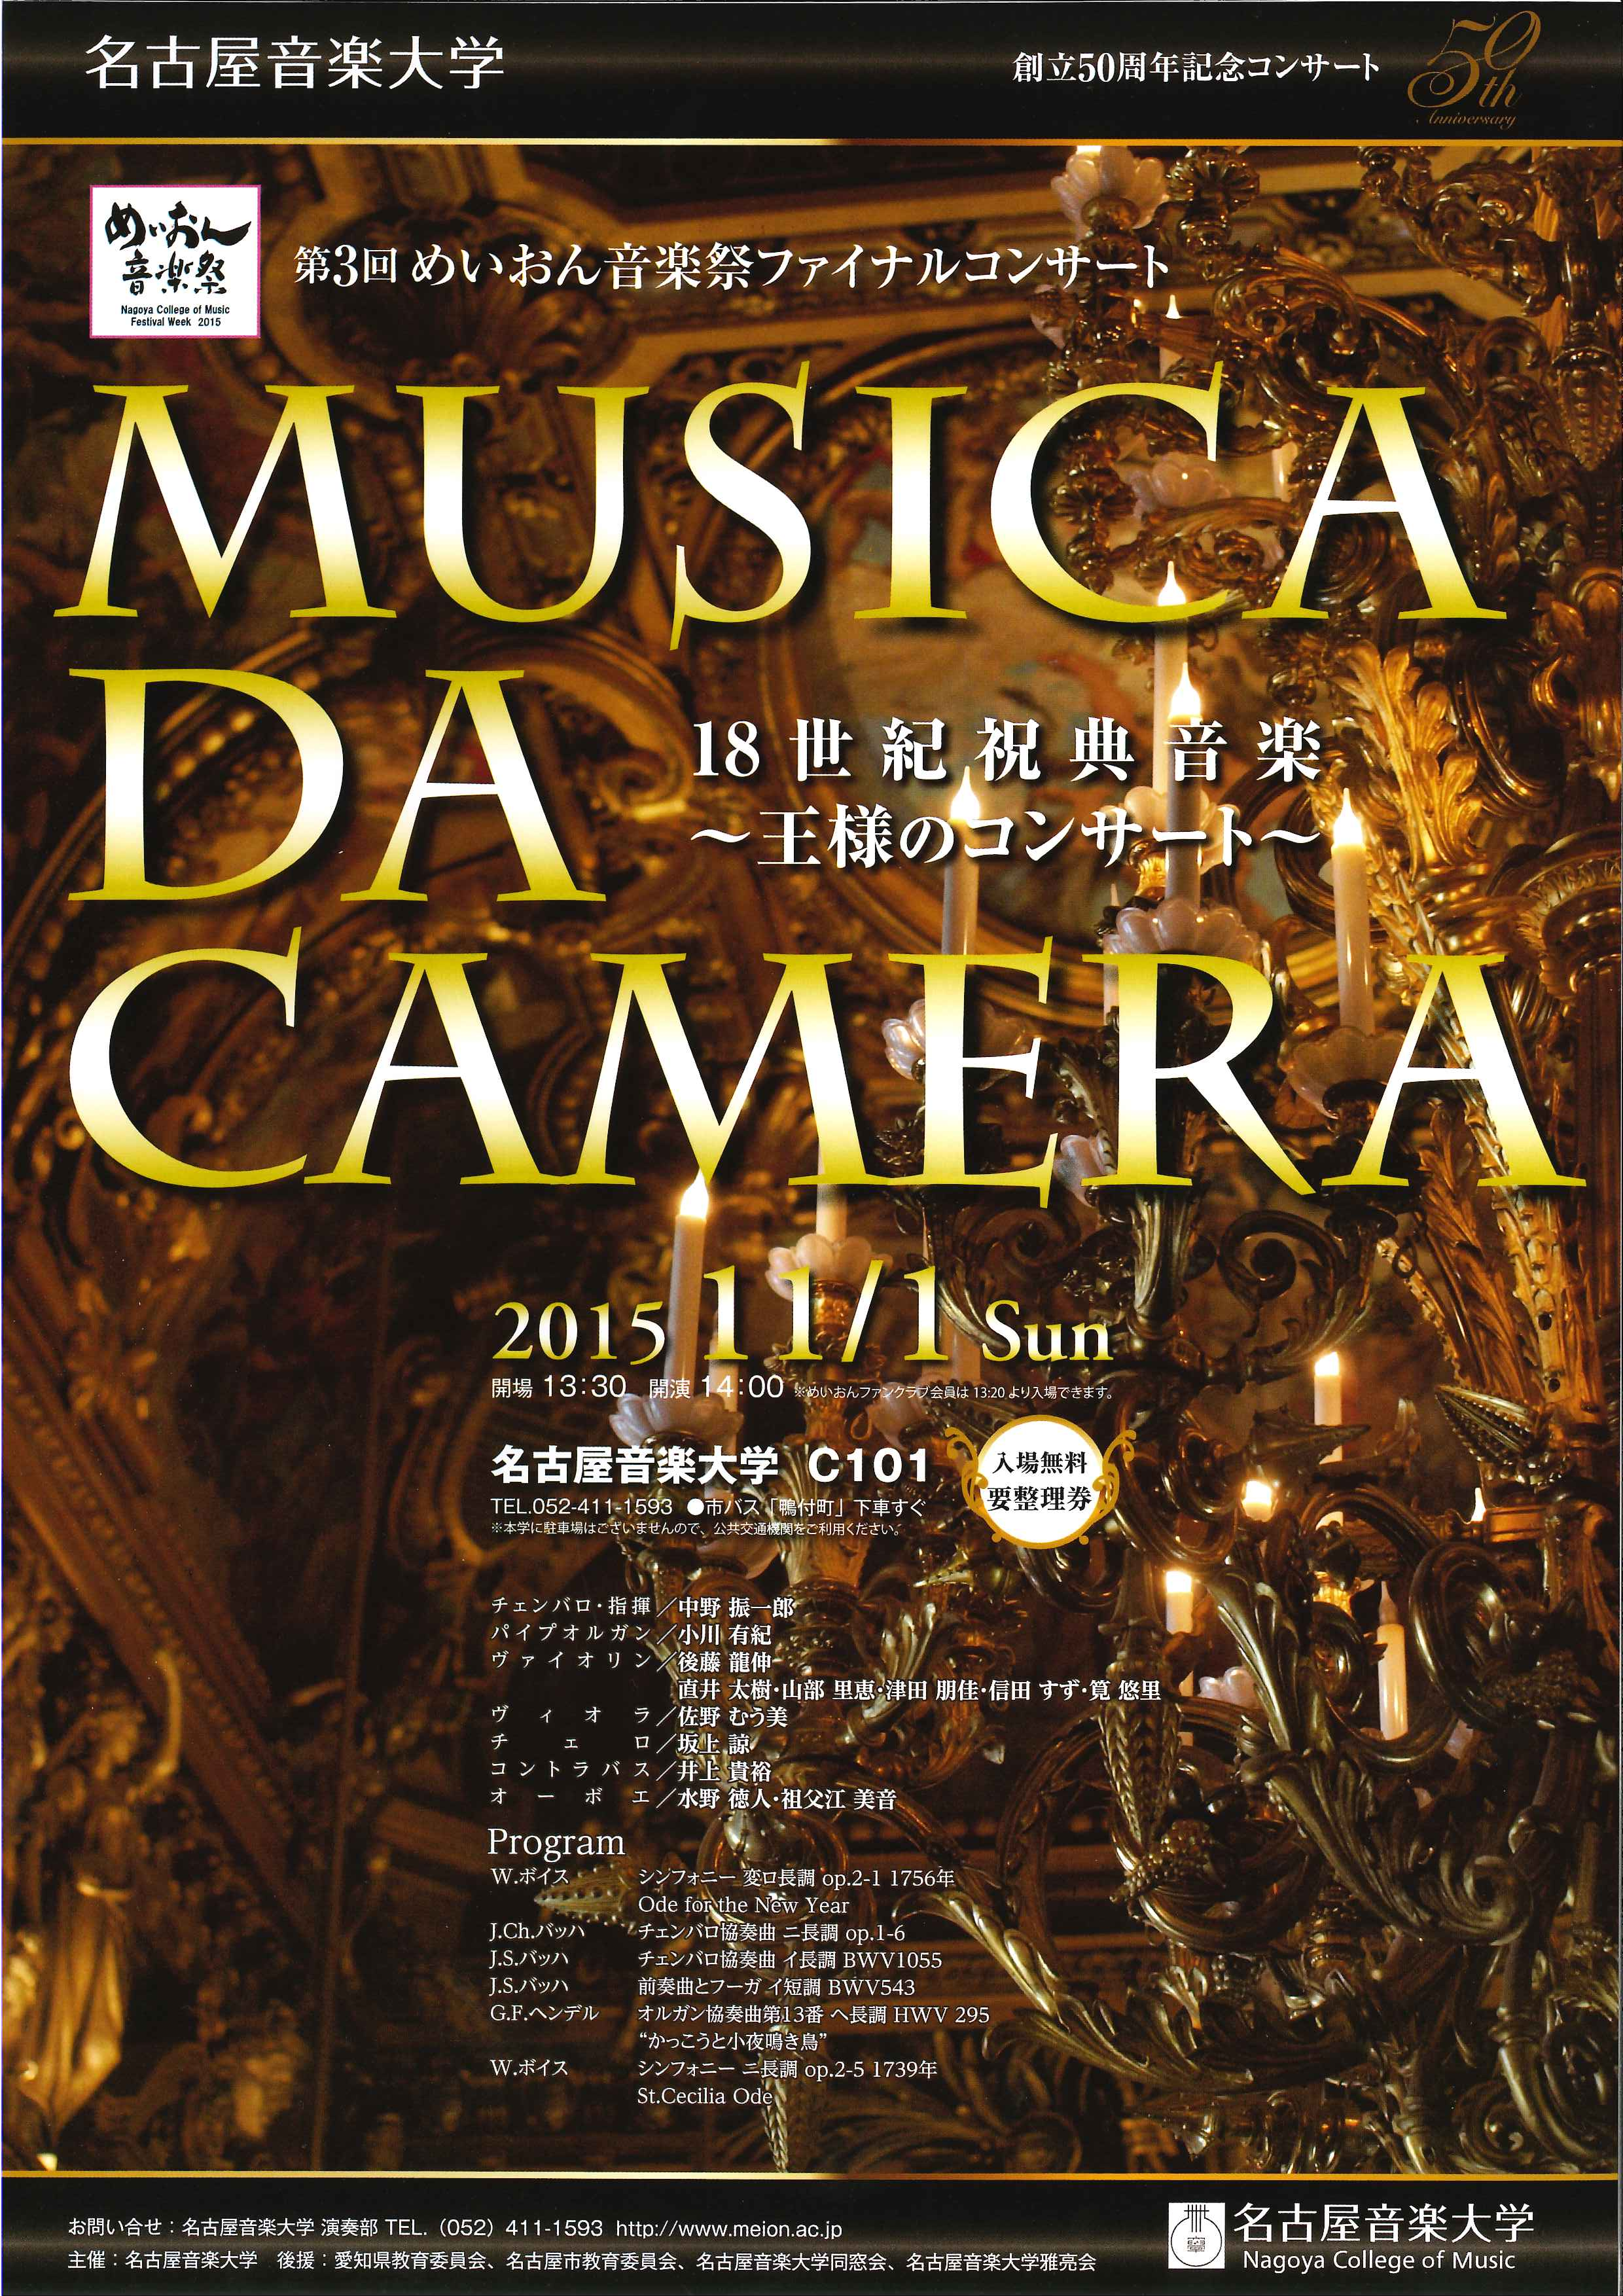 第3回 めいおん音楽祭ファイナルコンサート MUSICA DA CAMERA 「18世紀祝典音楽」~王様のコンサート~